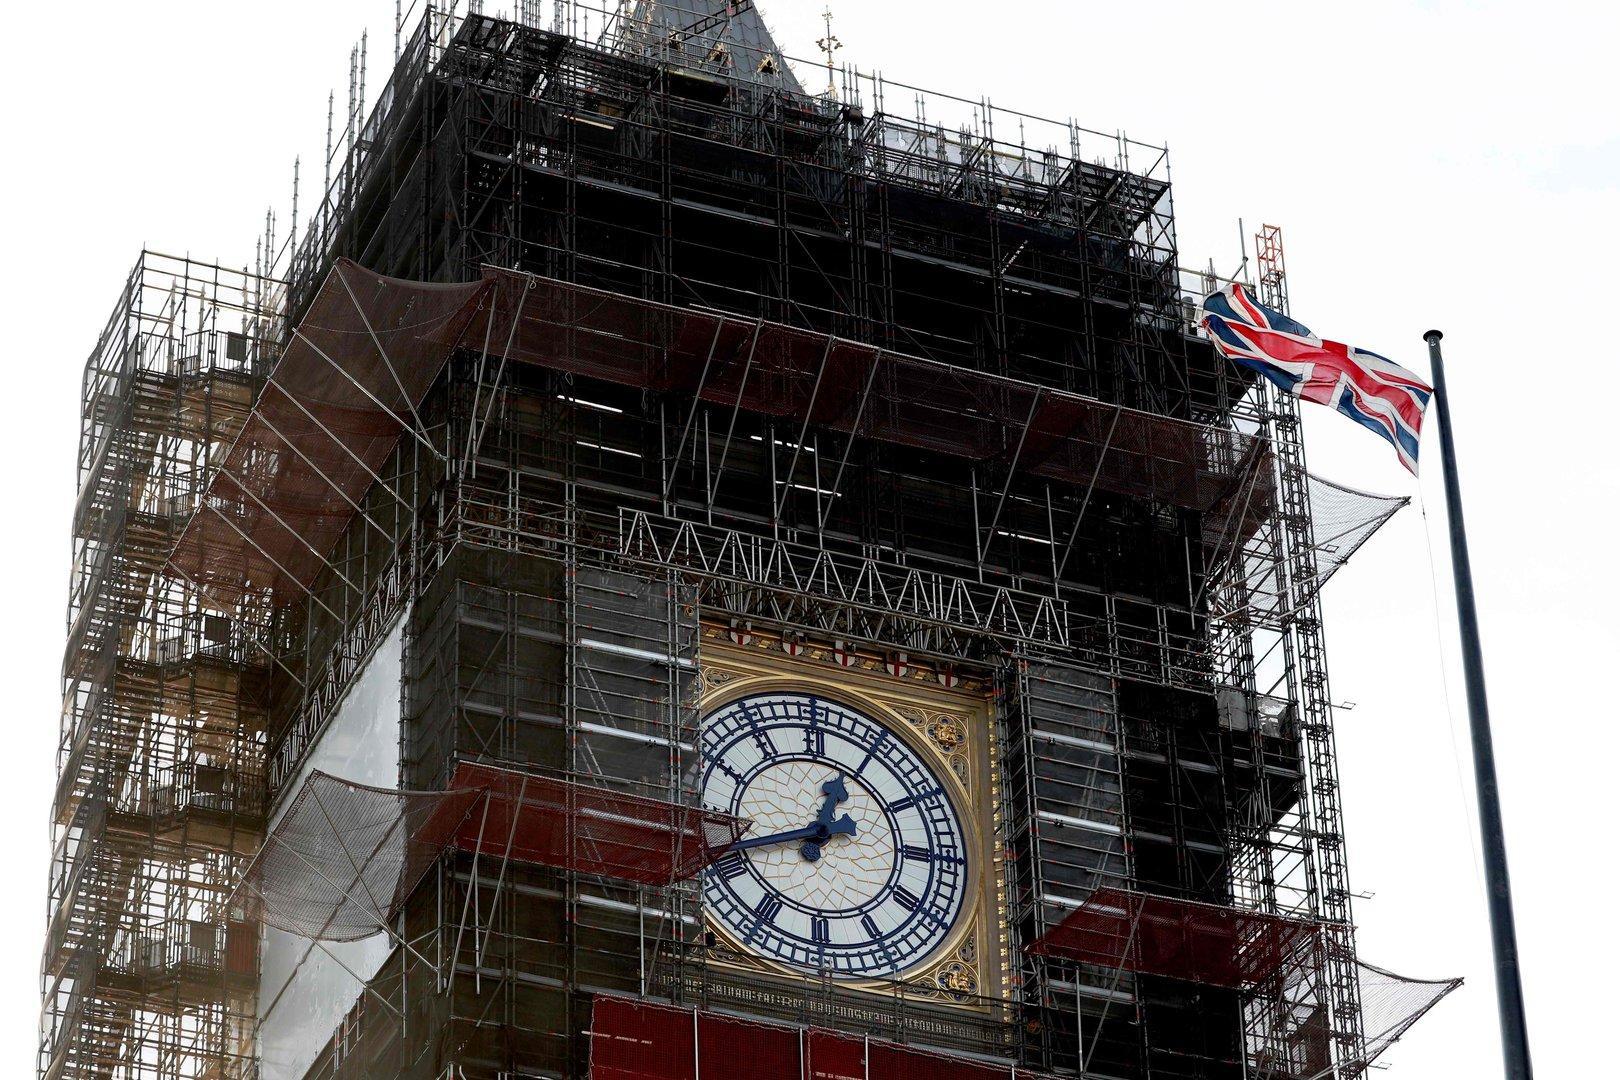 Briten vor dem Brexit: Zwischen Wut und Nostalgie